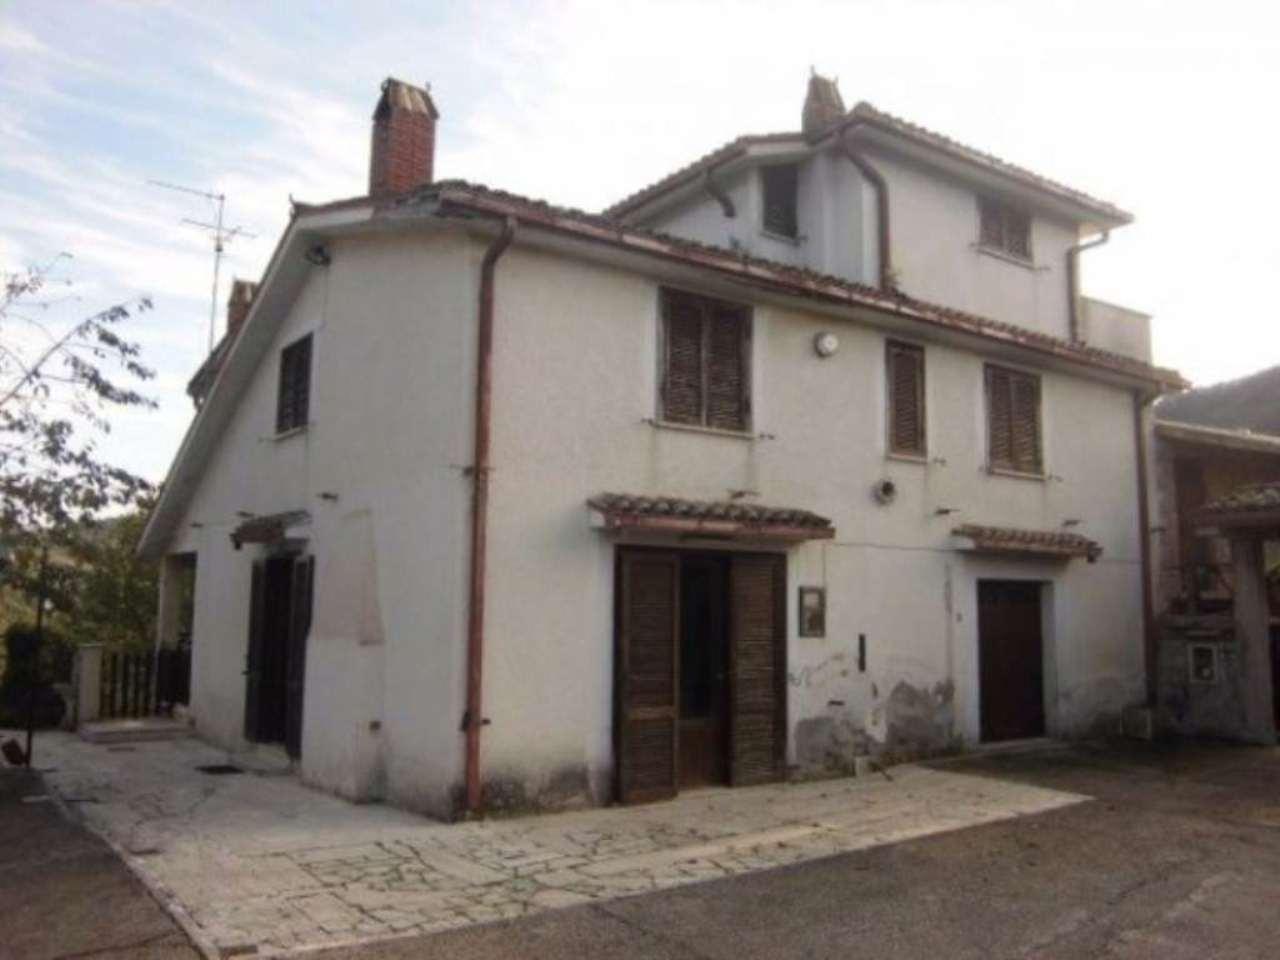 Villa in vendita a Bellegra, 6 locali, prezzo € 109.000 | Cambio Casa.it